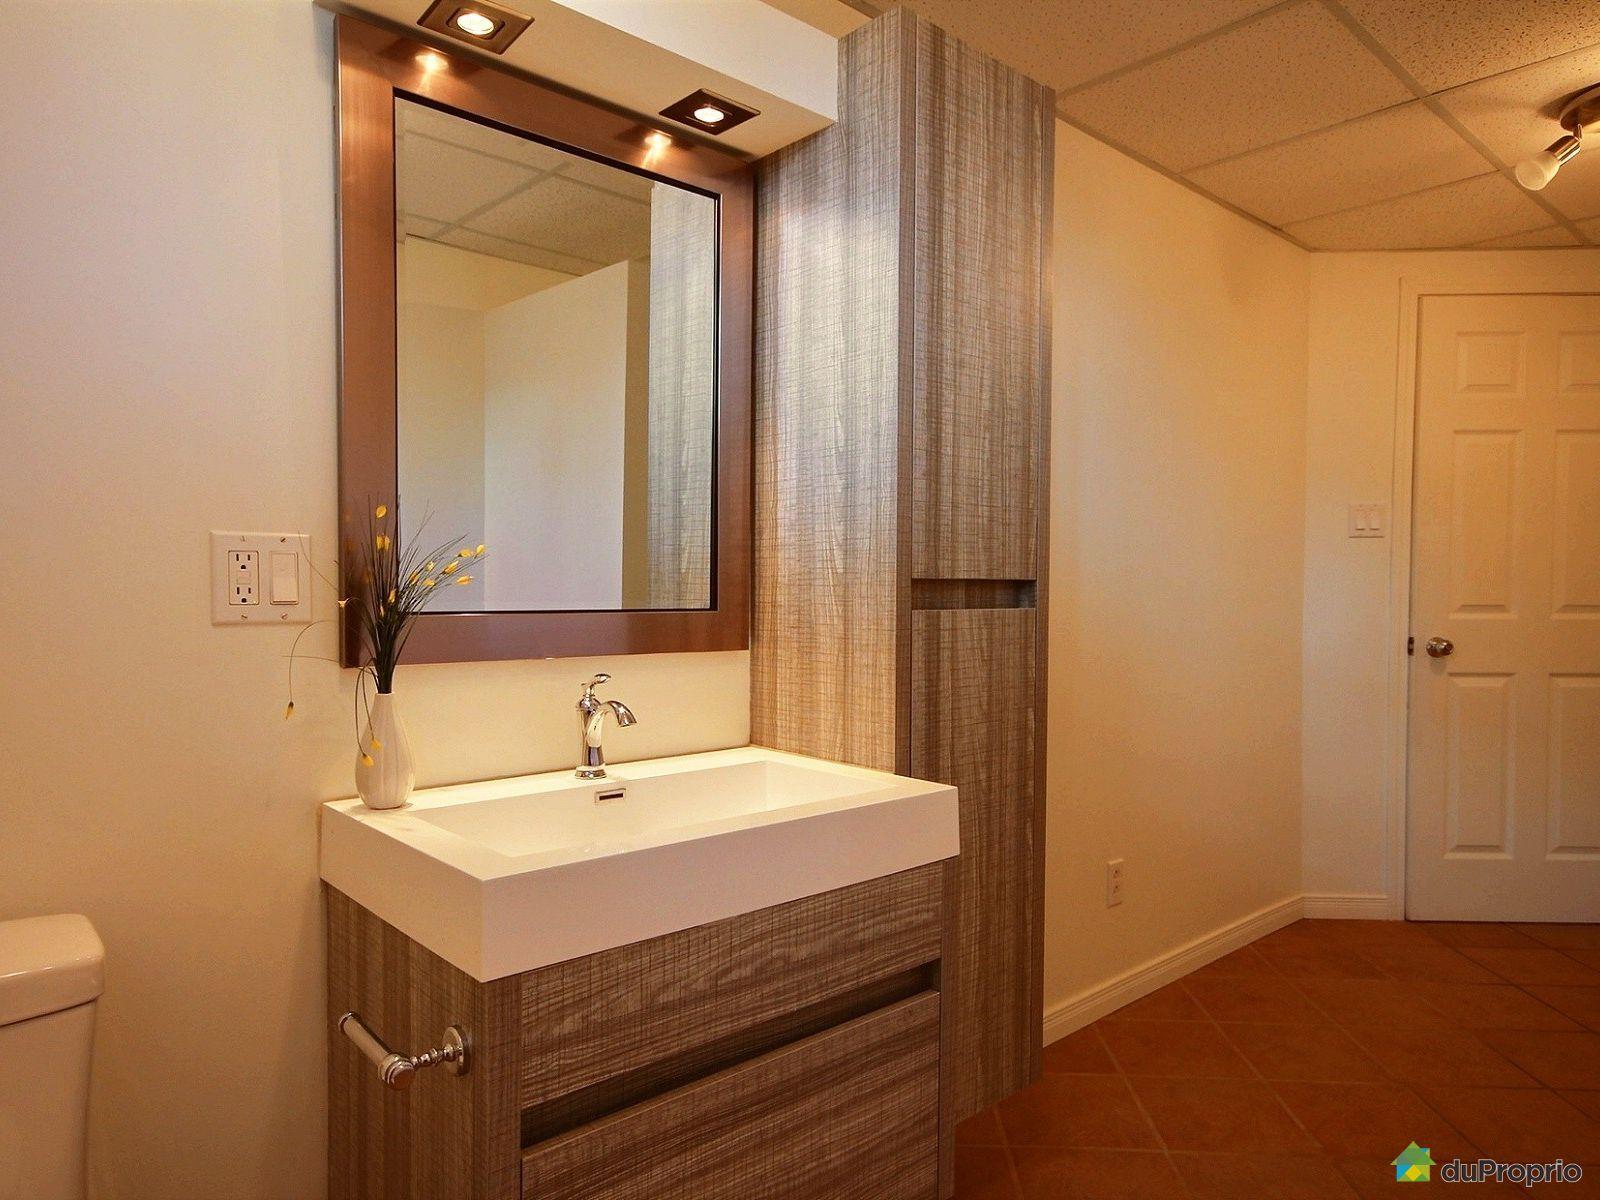 Maison vendre l vis 8797 rue des pommiers immobilier for Levis peinture salle de bain